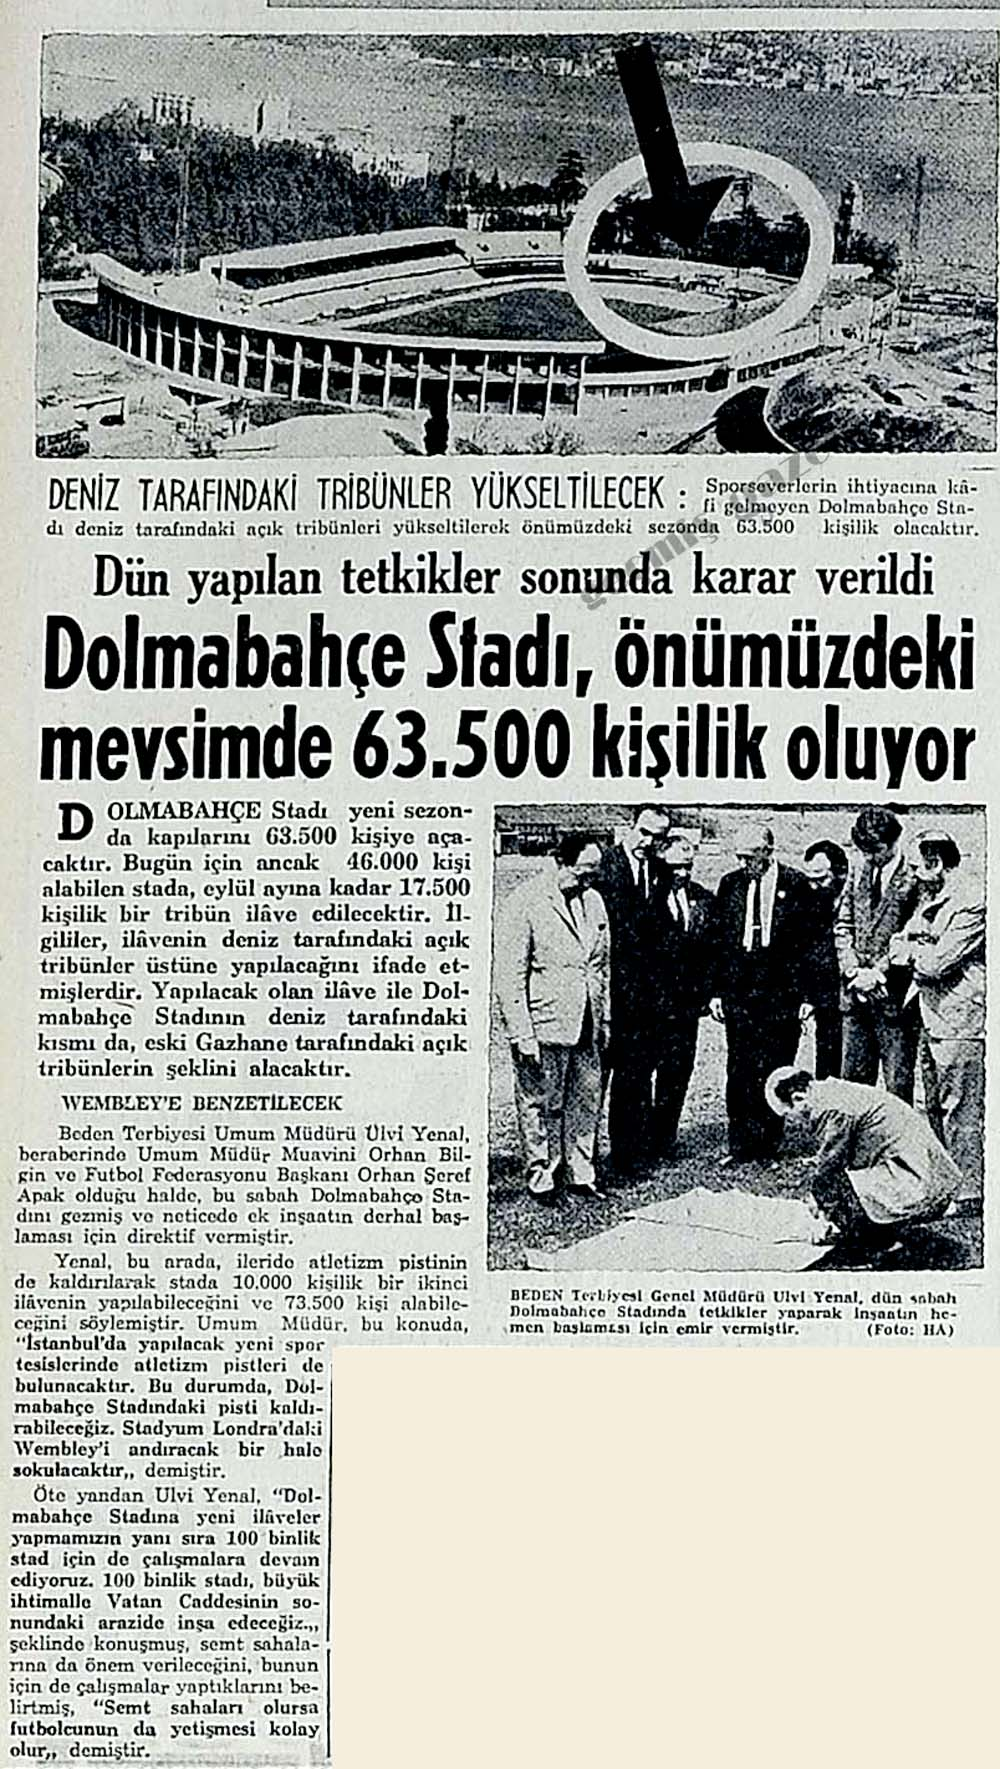 Dolmabahçe Stadı, önümüzdeki mevsimde 63.500 kişilik oluyor